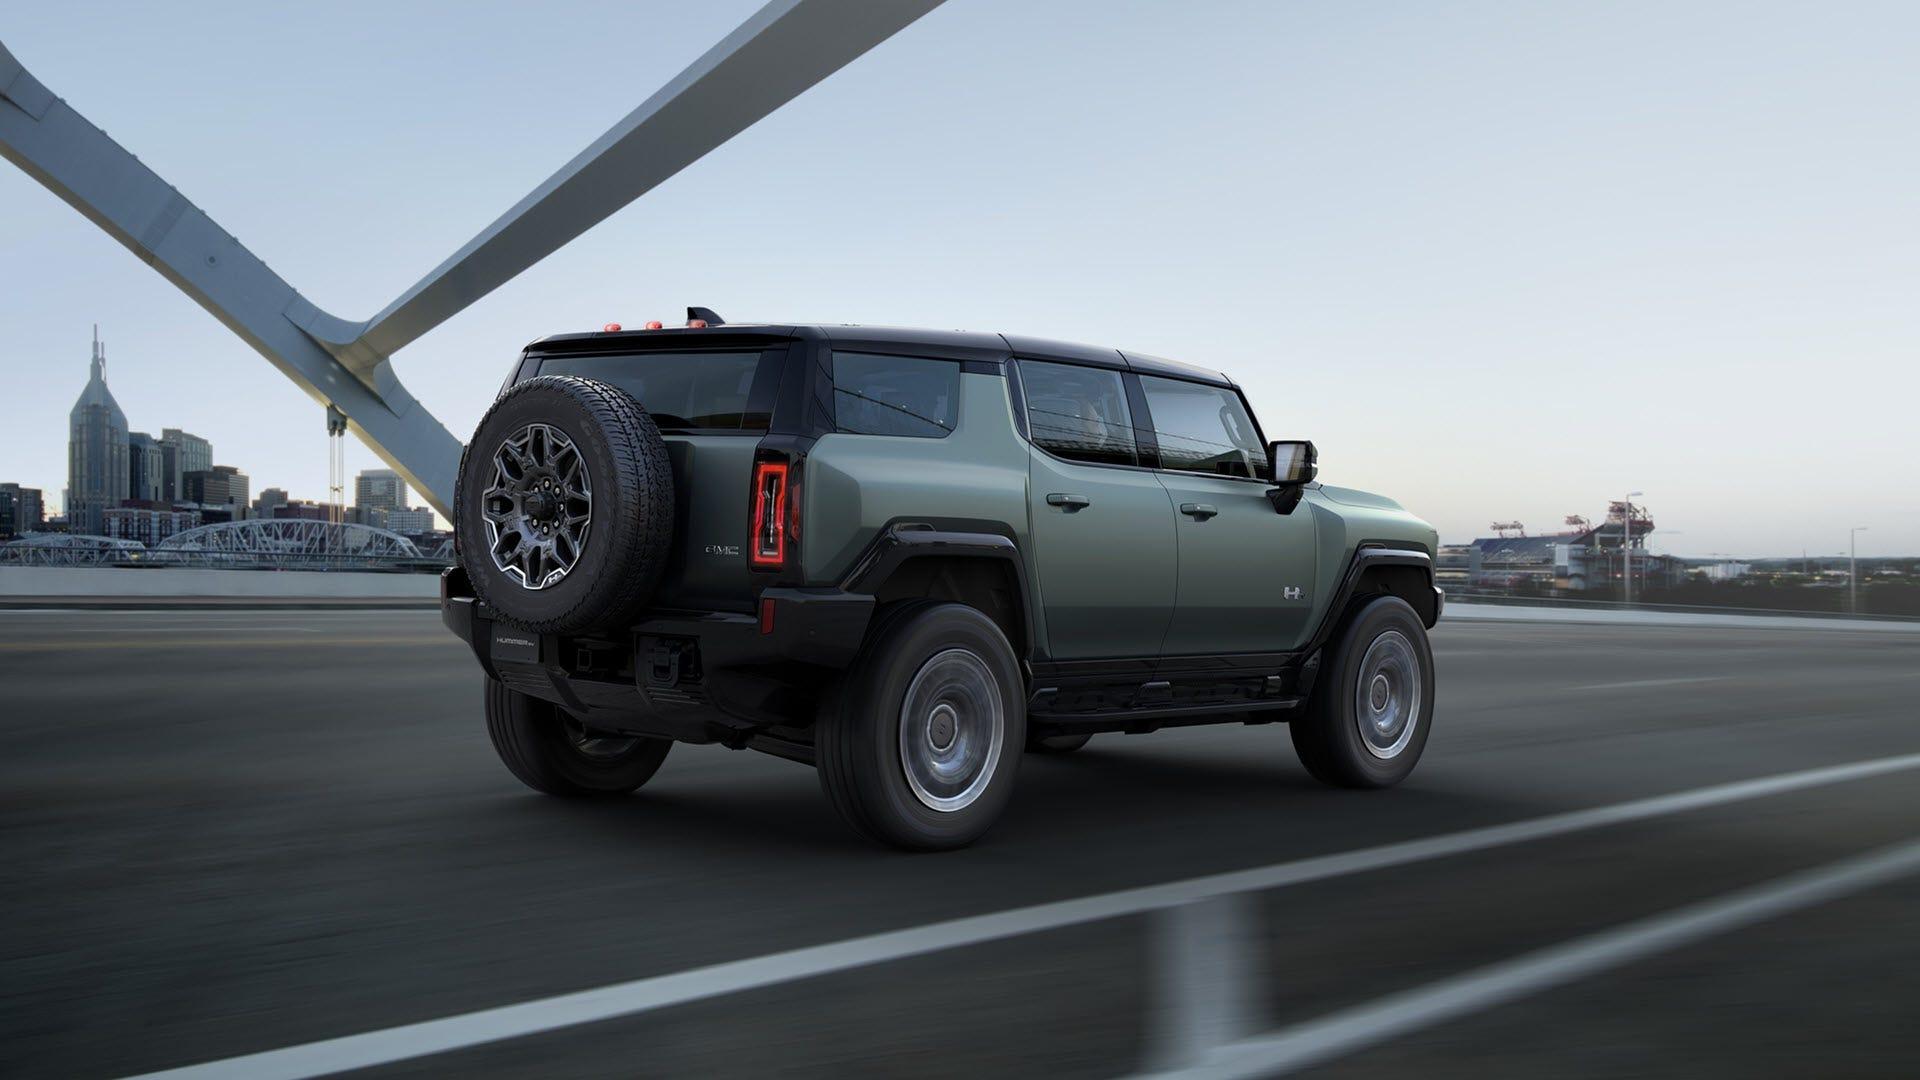 El nuevo SUV Hummer EV en realidad se parece a un Hummer, comienza en $ 80,000 12